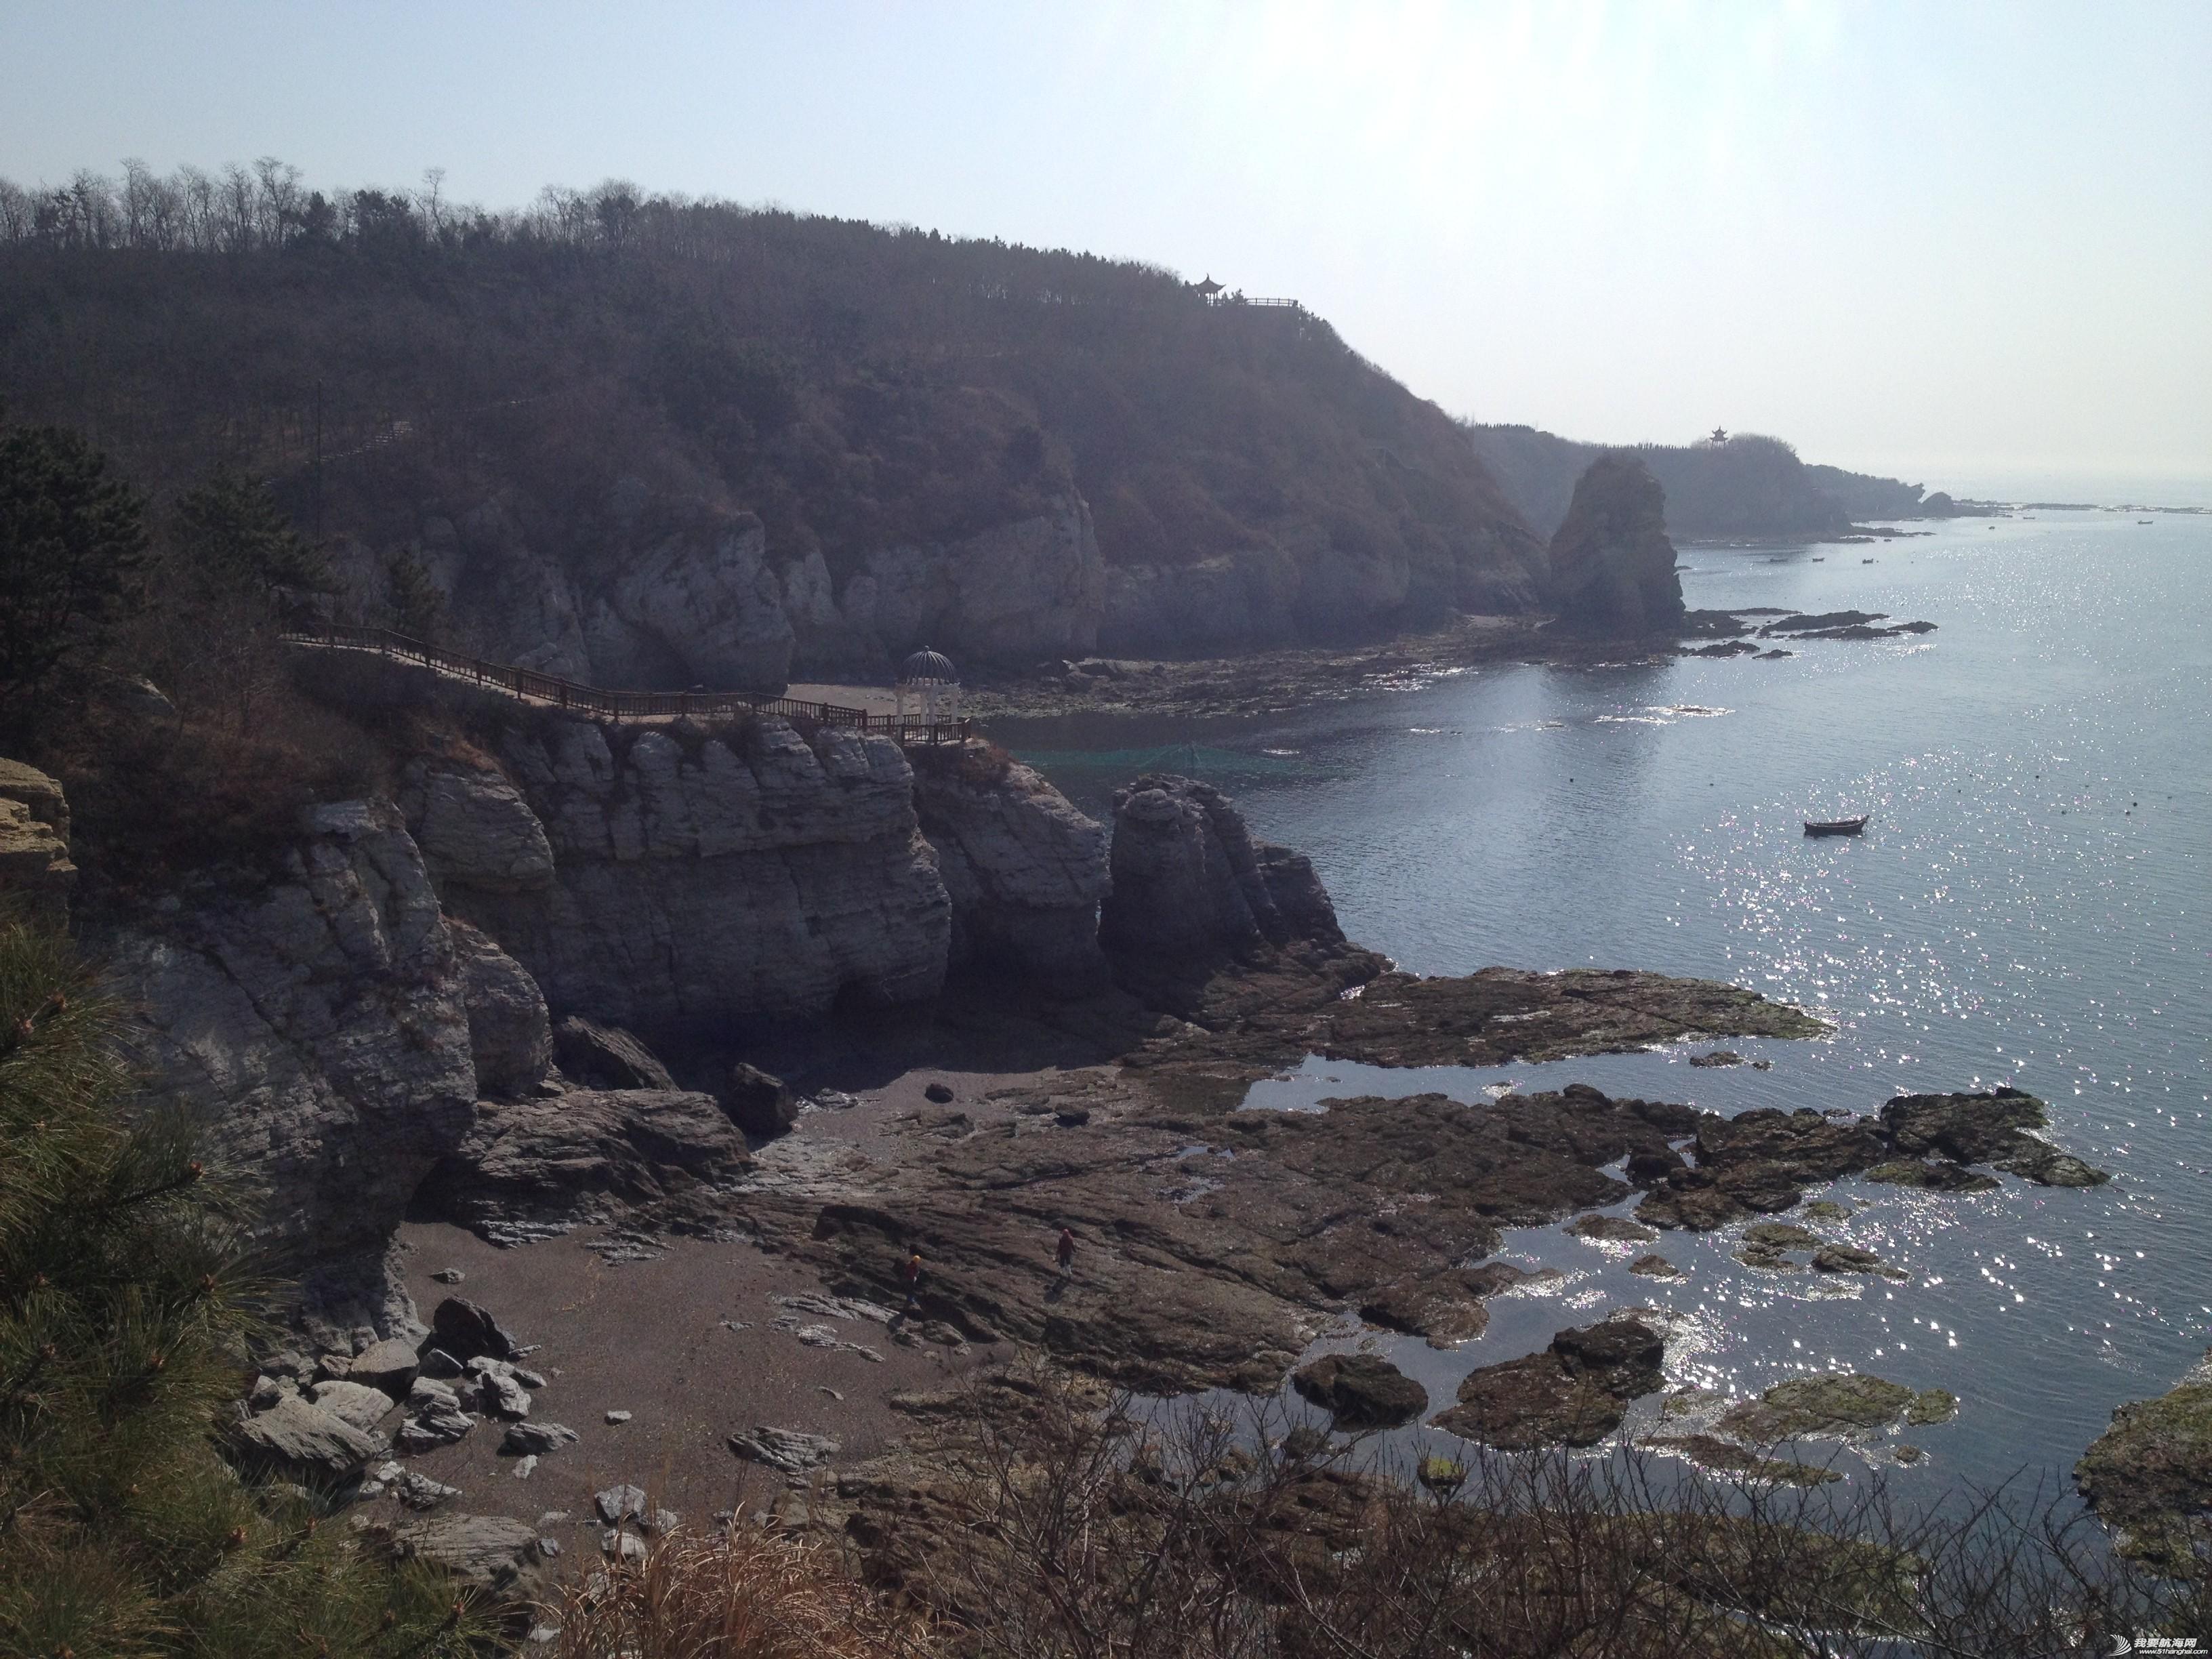 黄金海岸,玻璃钢船,金石滩,大连,帆船 海岸拾遗2 IMG_2022.JPG